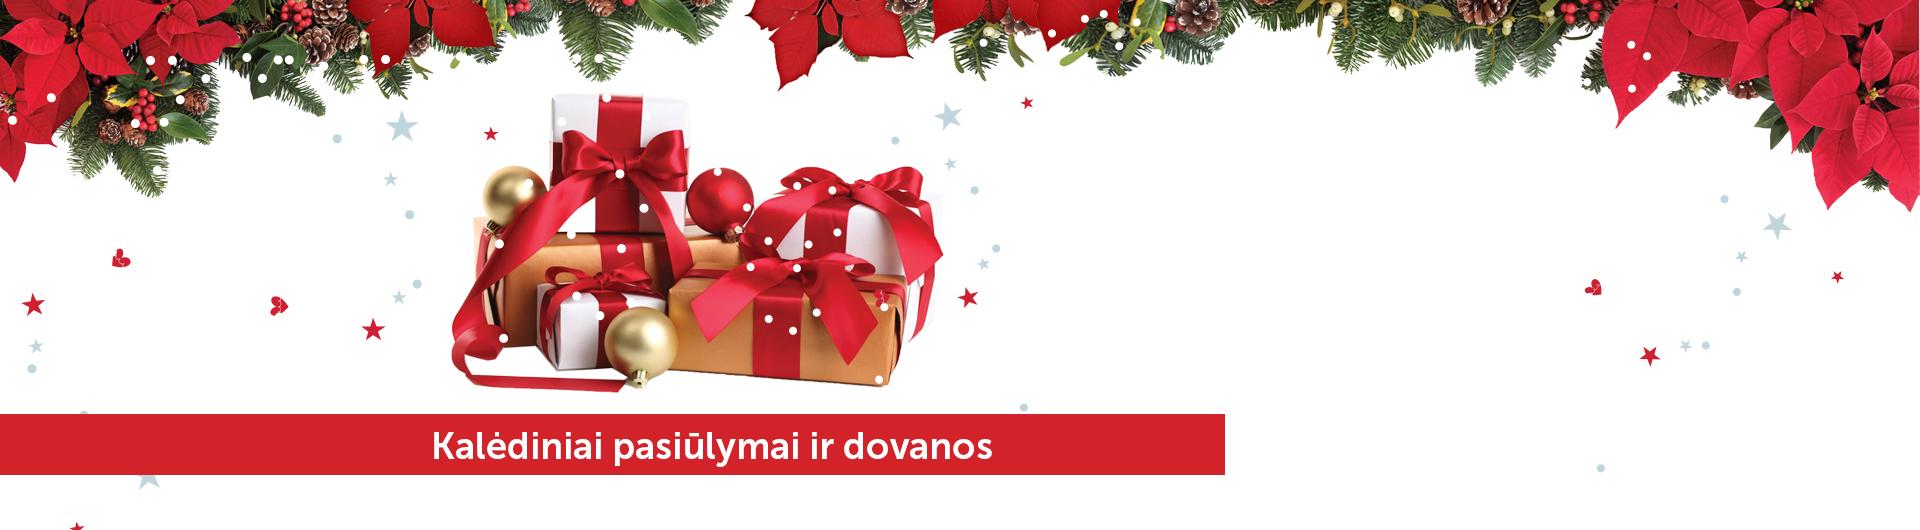 Kalėdinės akcijos, naujienos ir dovanos klinikoje SUGIHARA